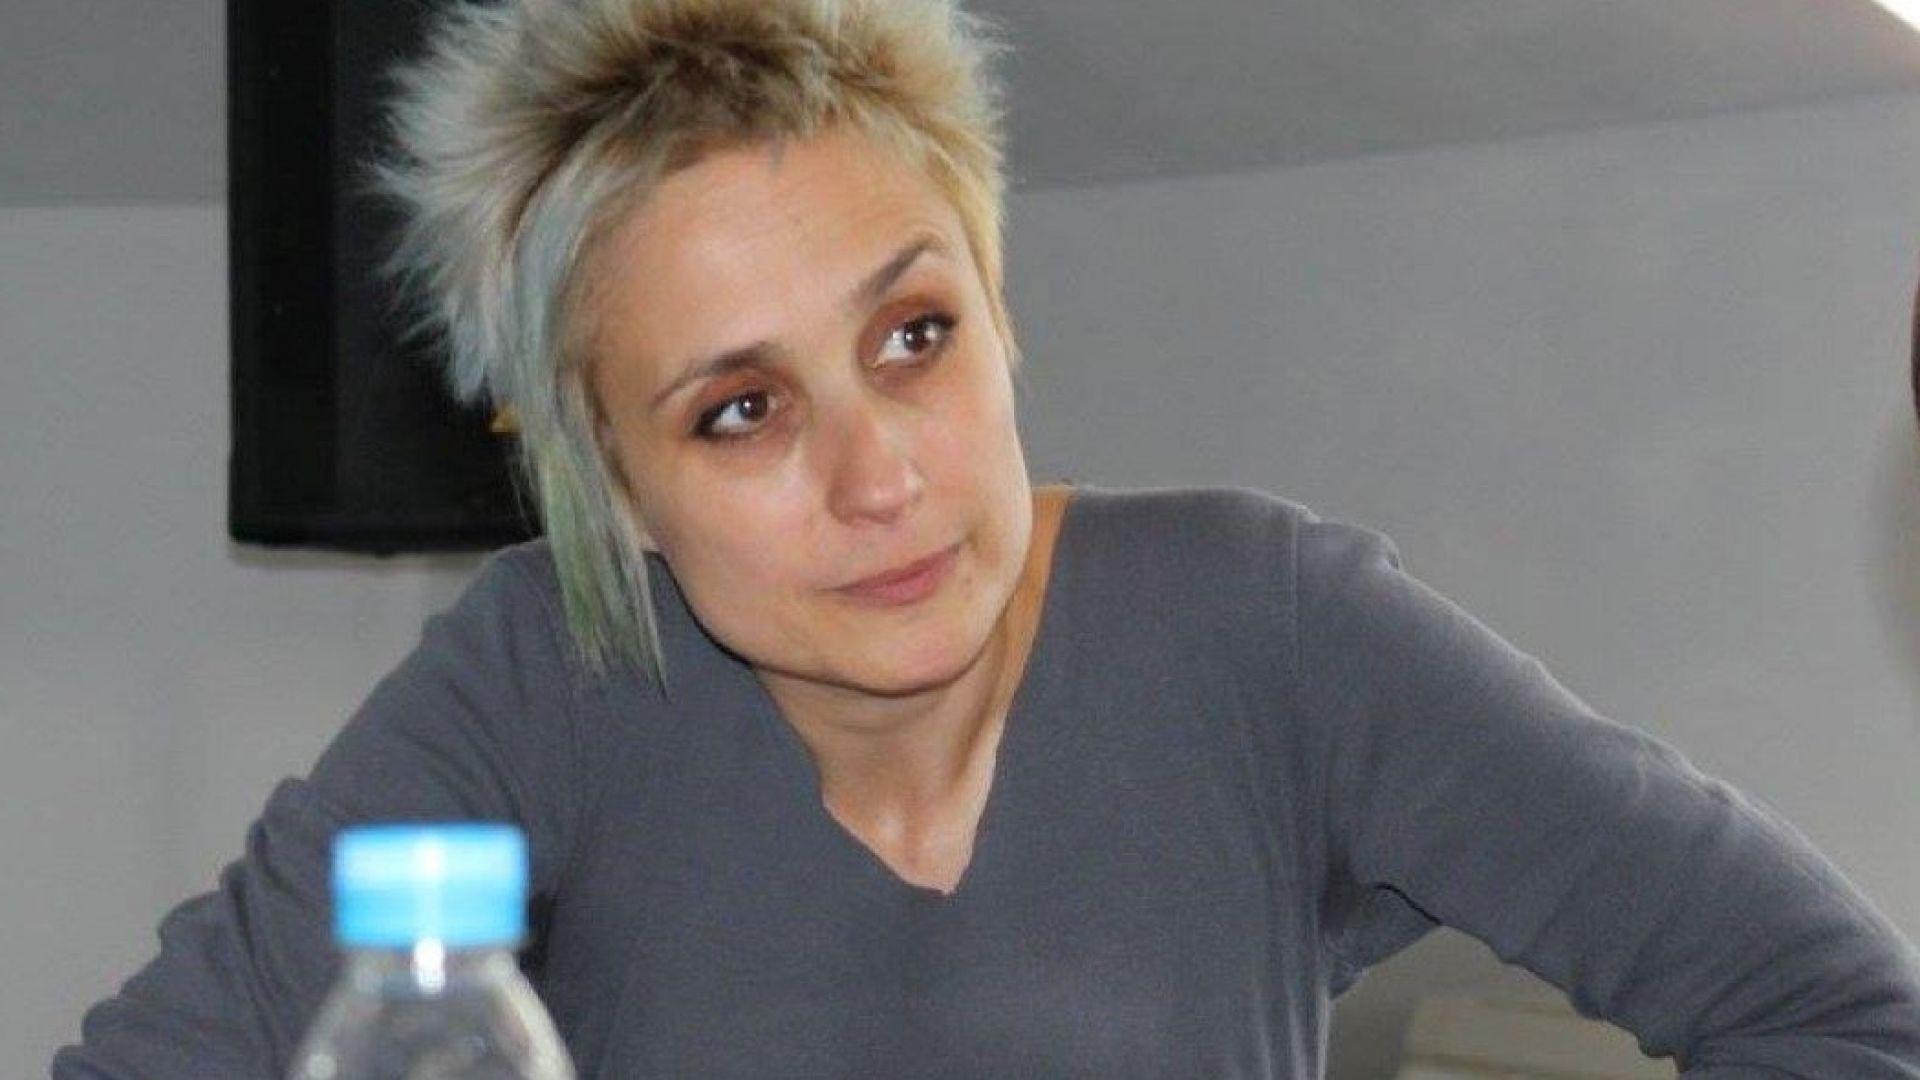 Галина Лачева към противниците на абортите: Крадци на женски животи!